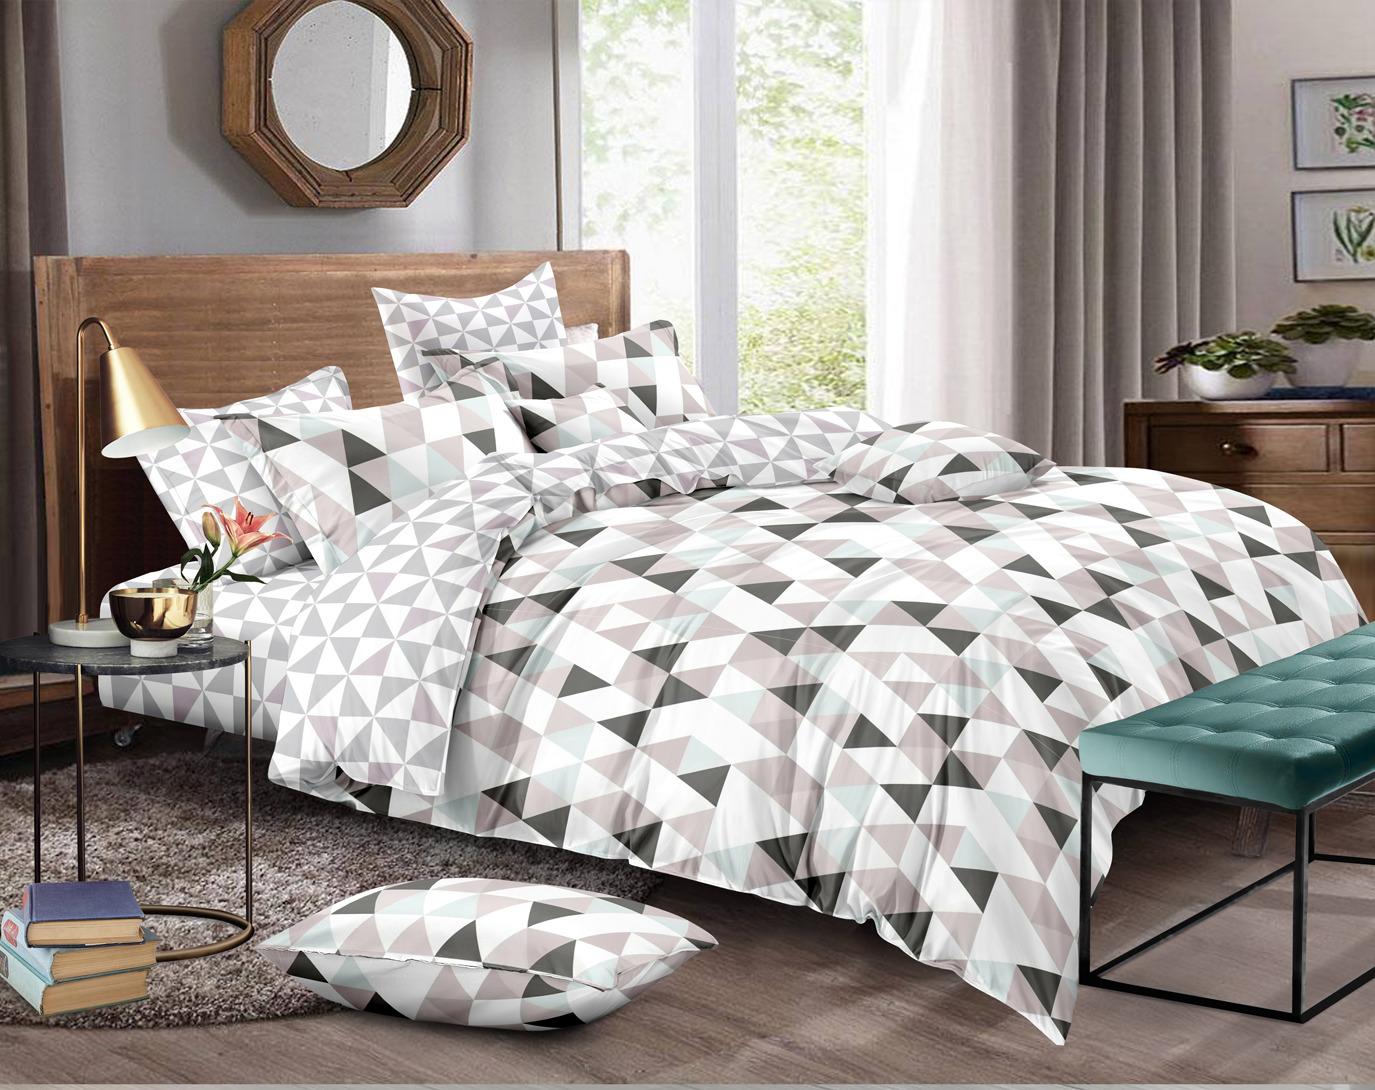 Комплект постельного белья Amore Mio Gold Miles, 7830, серый, 1,5-спальный, наволочки 70x70